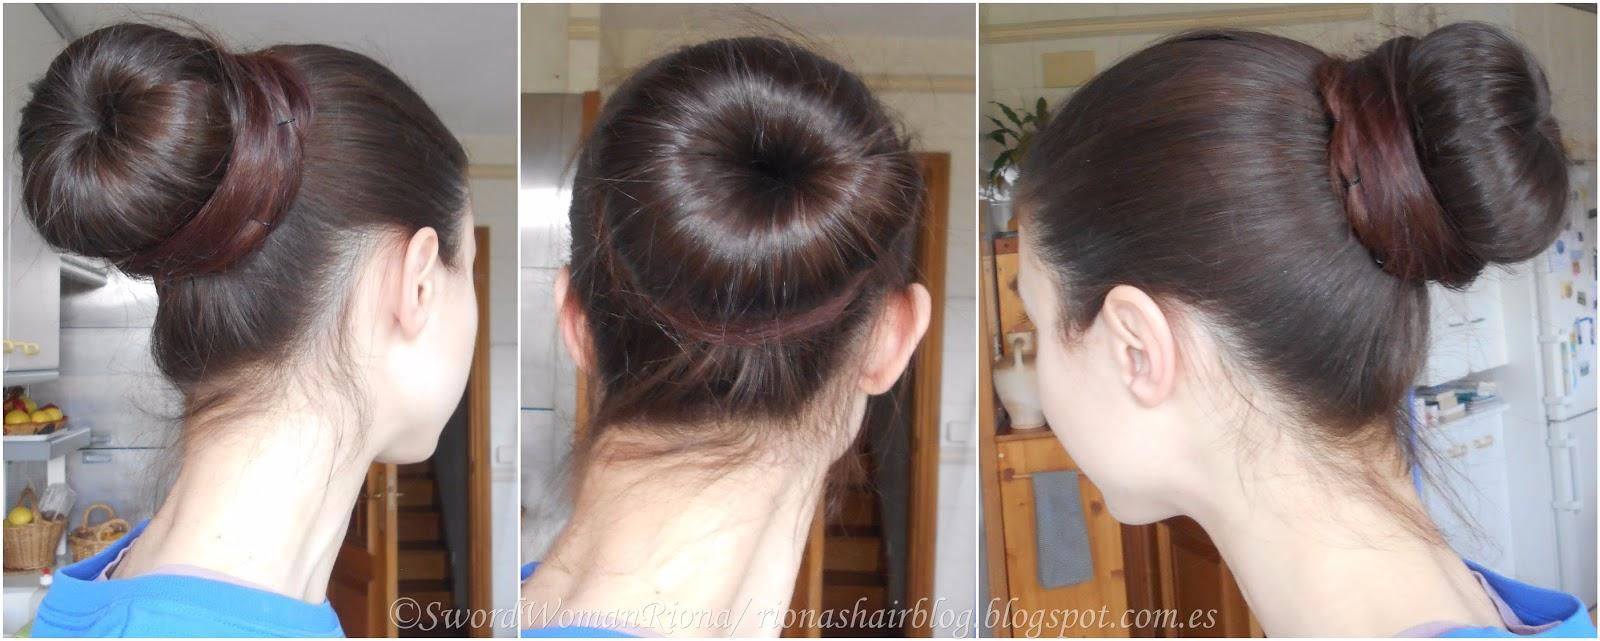 A Sword Womans Natural Hair Blog Hairstyles The Donut Bun